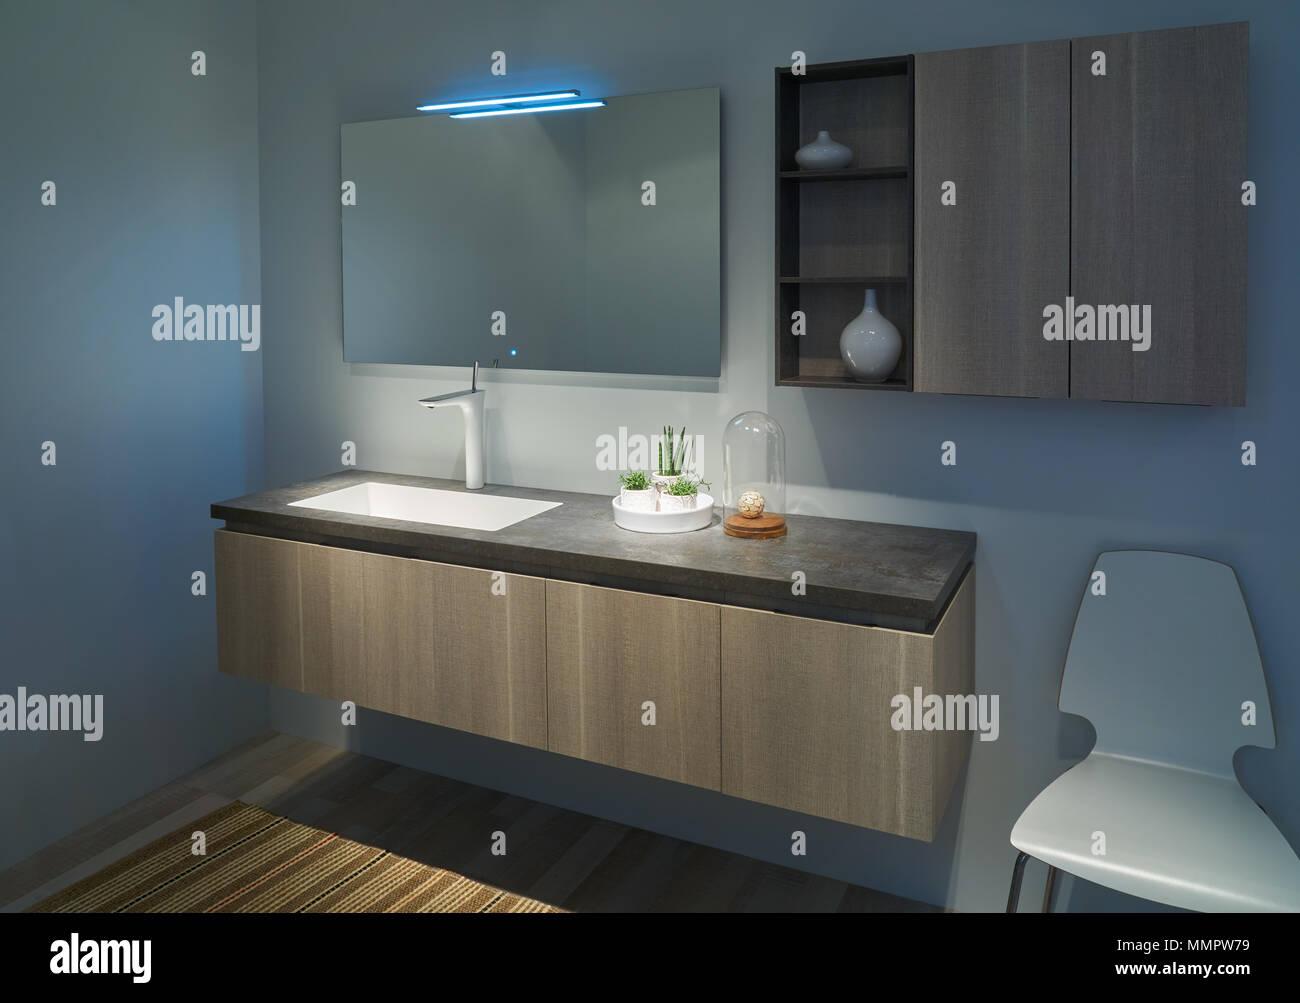 Agape berlin badewanne dusche spiegel puristisch